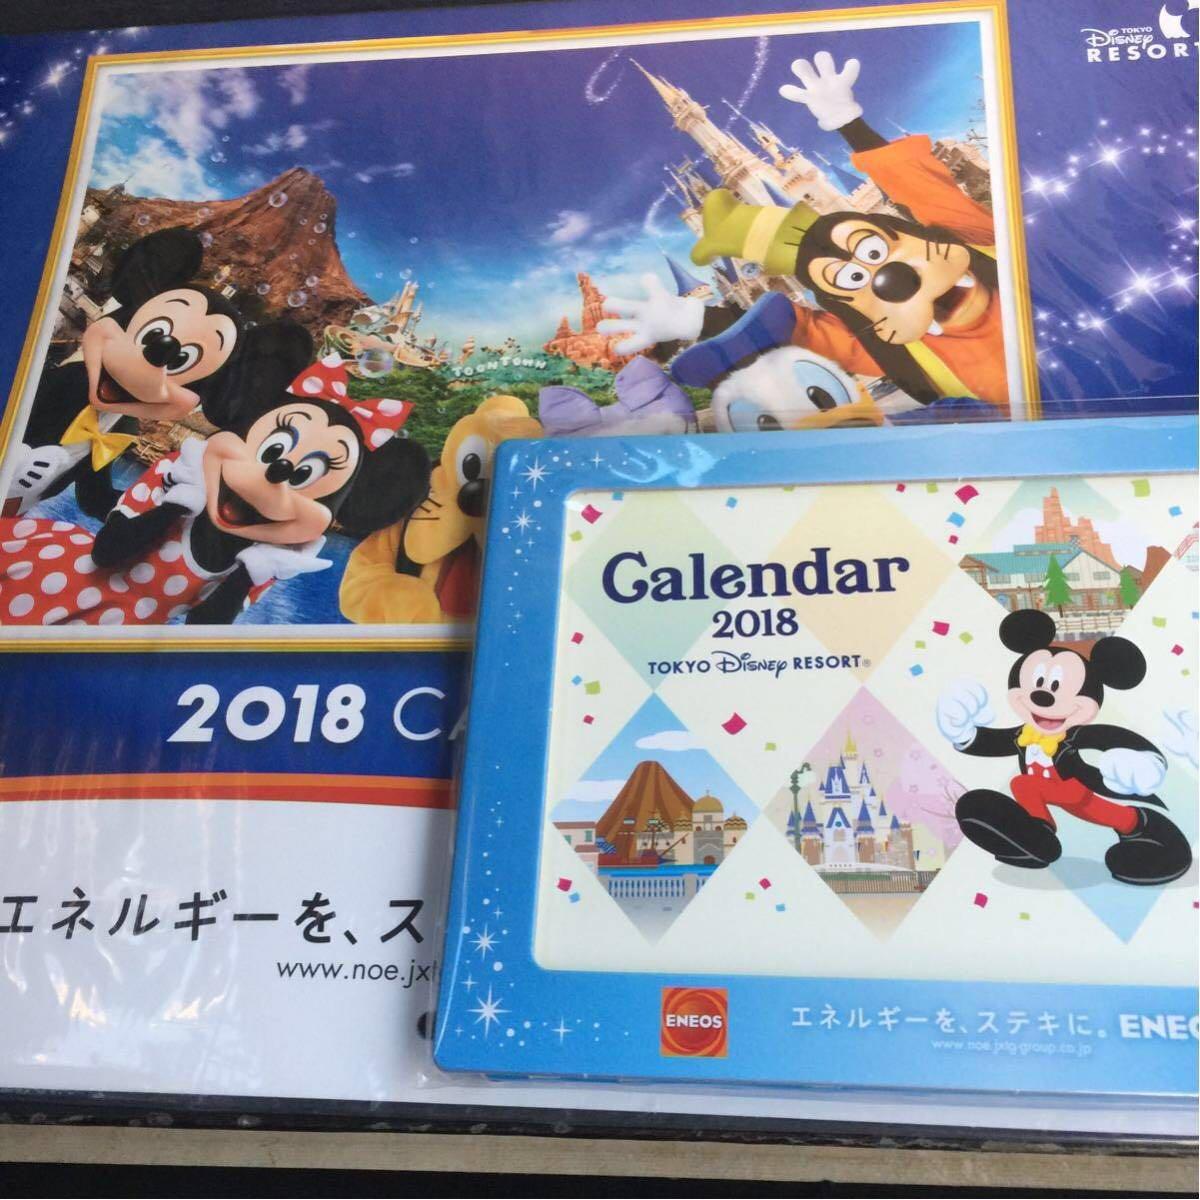 エネオス カレンダー エネオスカレンダー 2018 ディズニー カレンダー